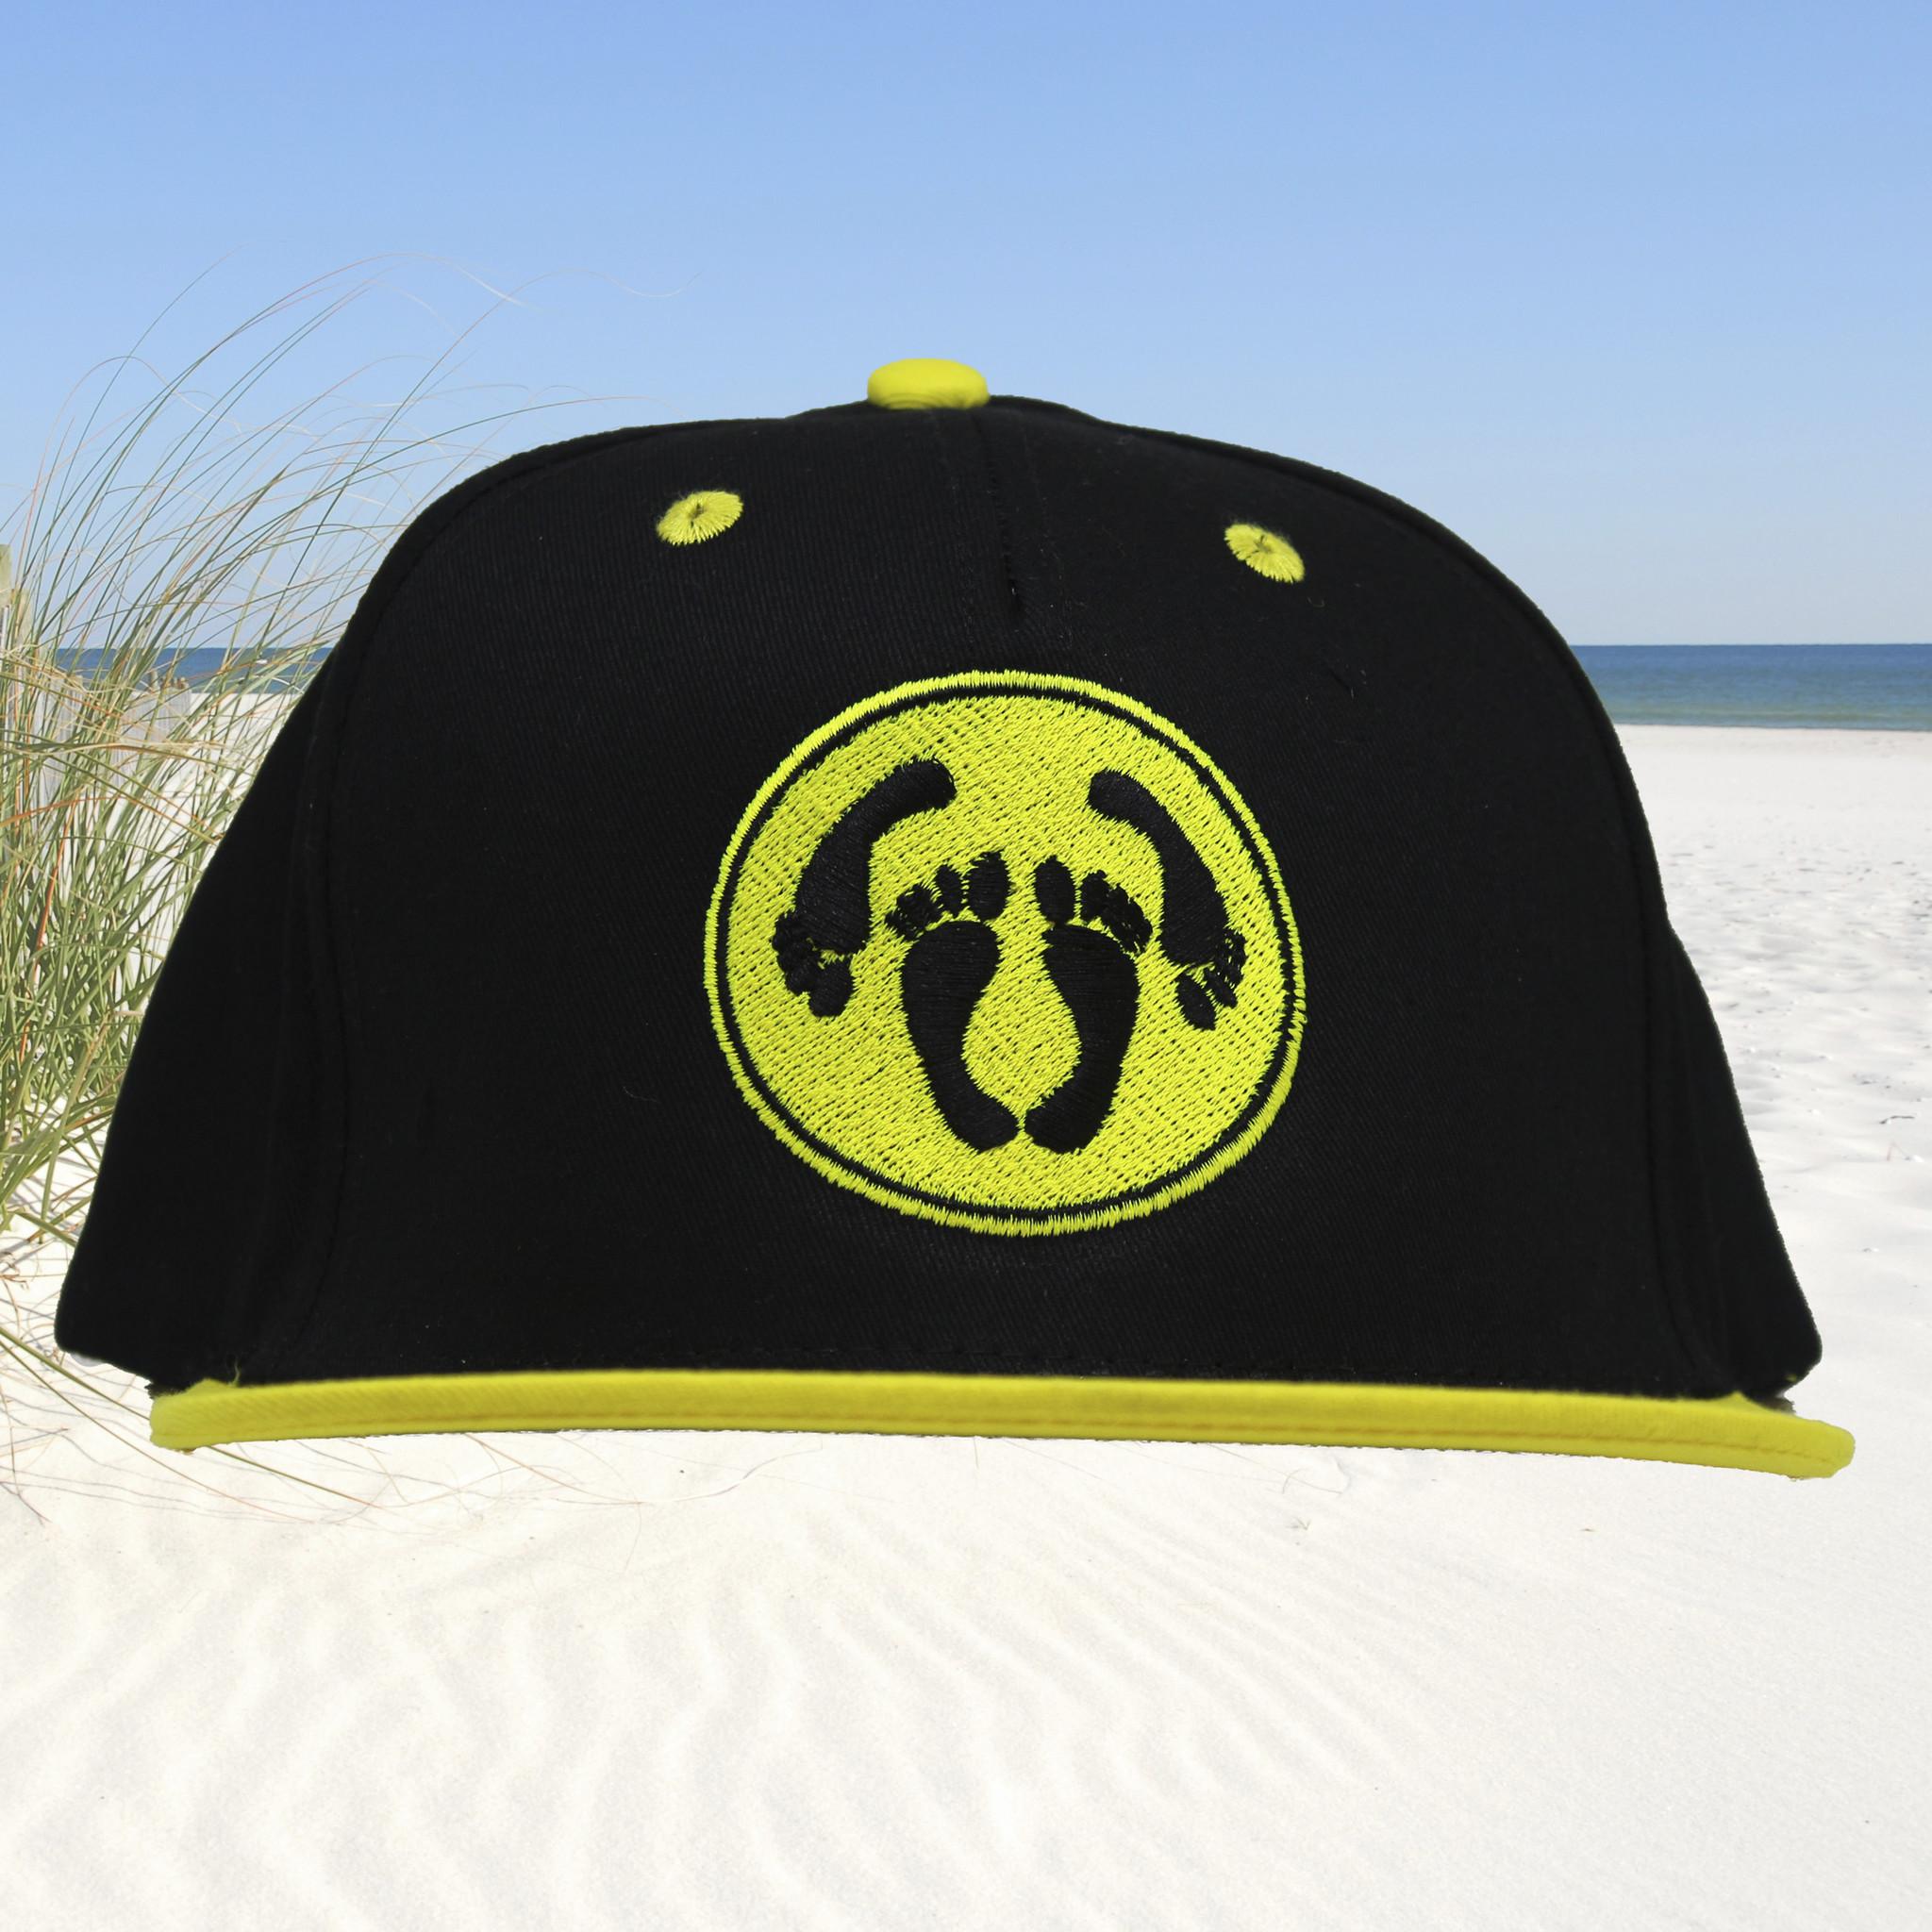 e78406714b4c40 T-SPOON Snapback CAP adult logo - black-yellow - DJFS.com